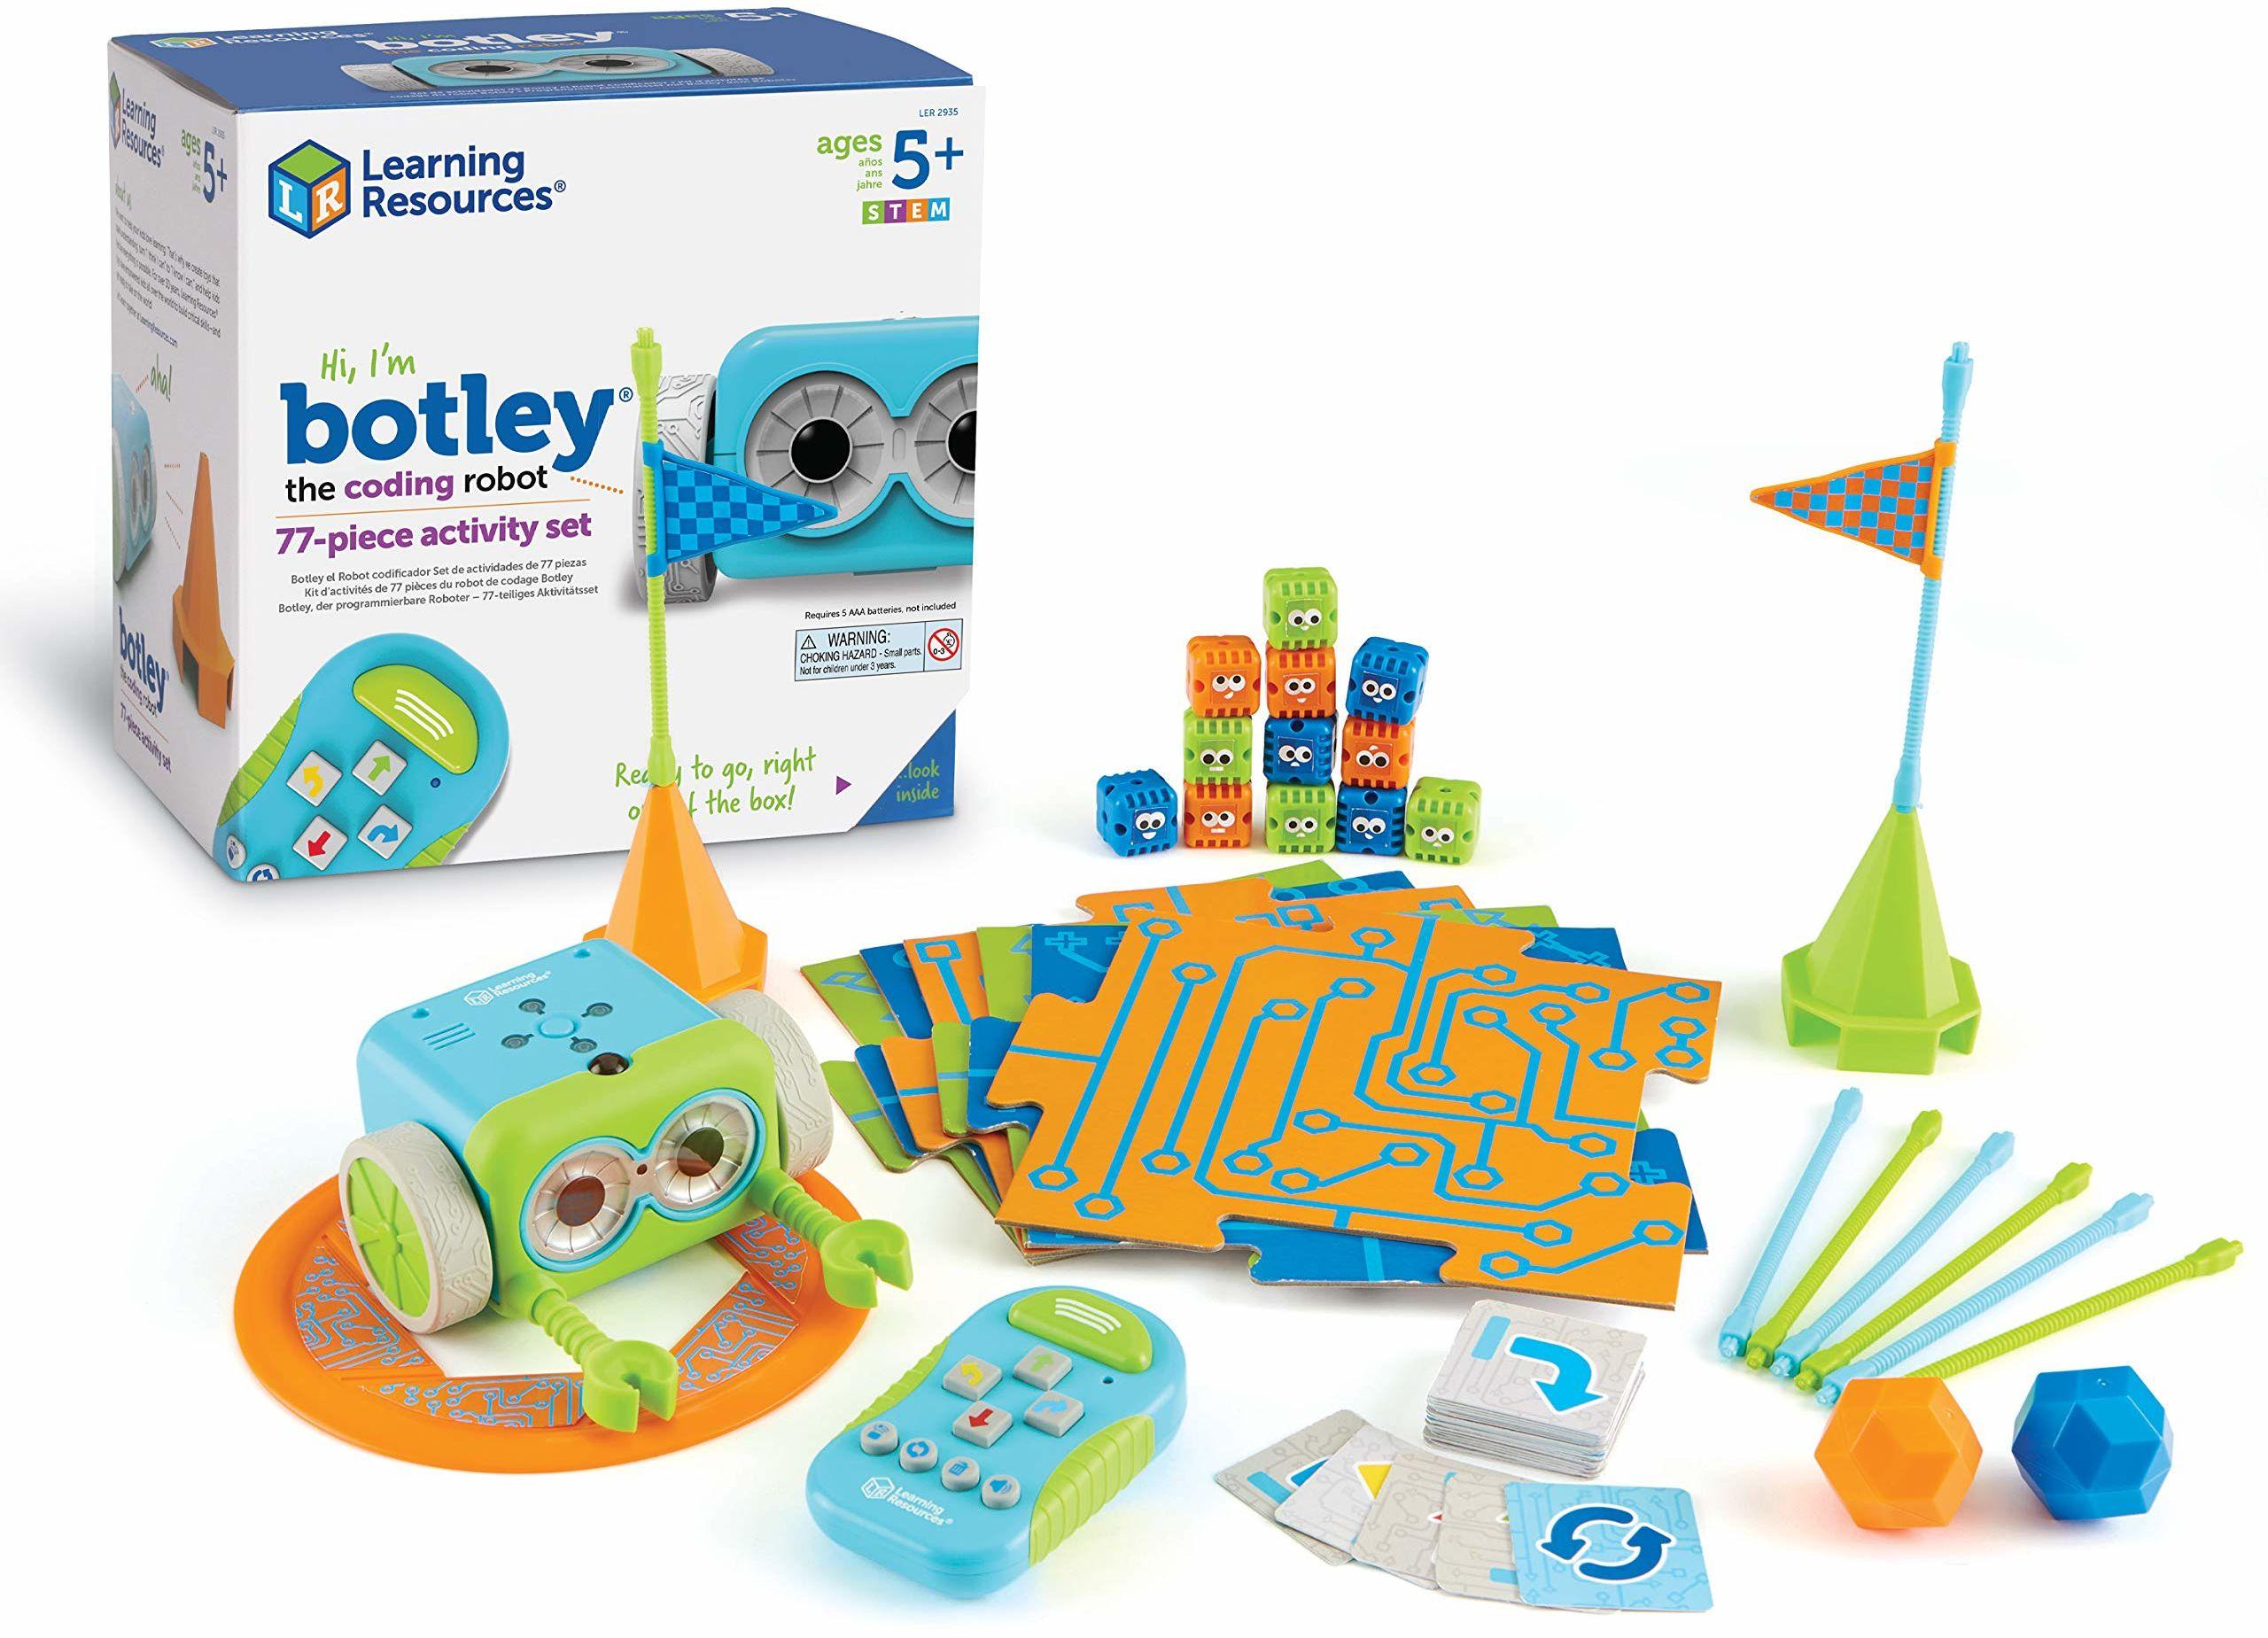 Learning Resources Botley, programowalny robot  zestaw aktywności